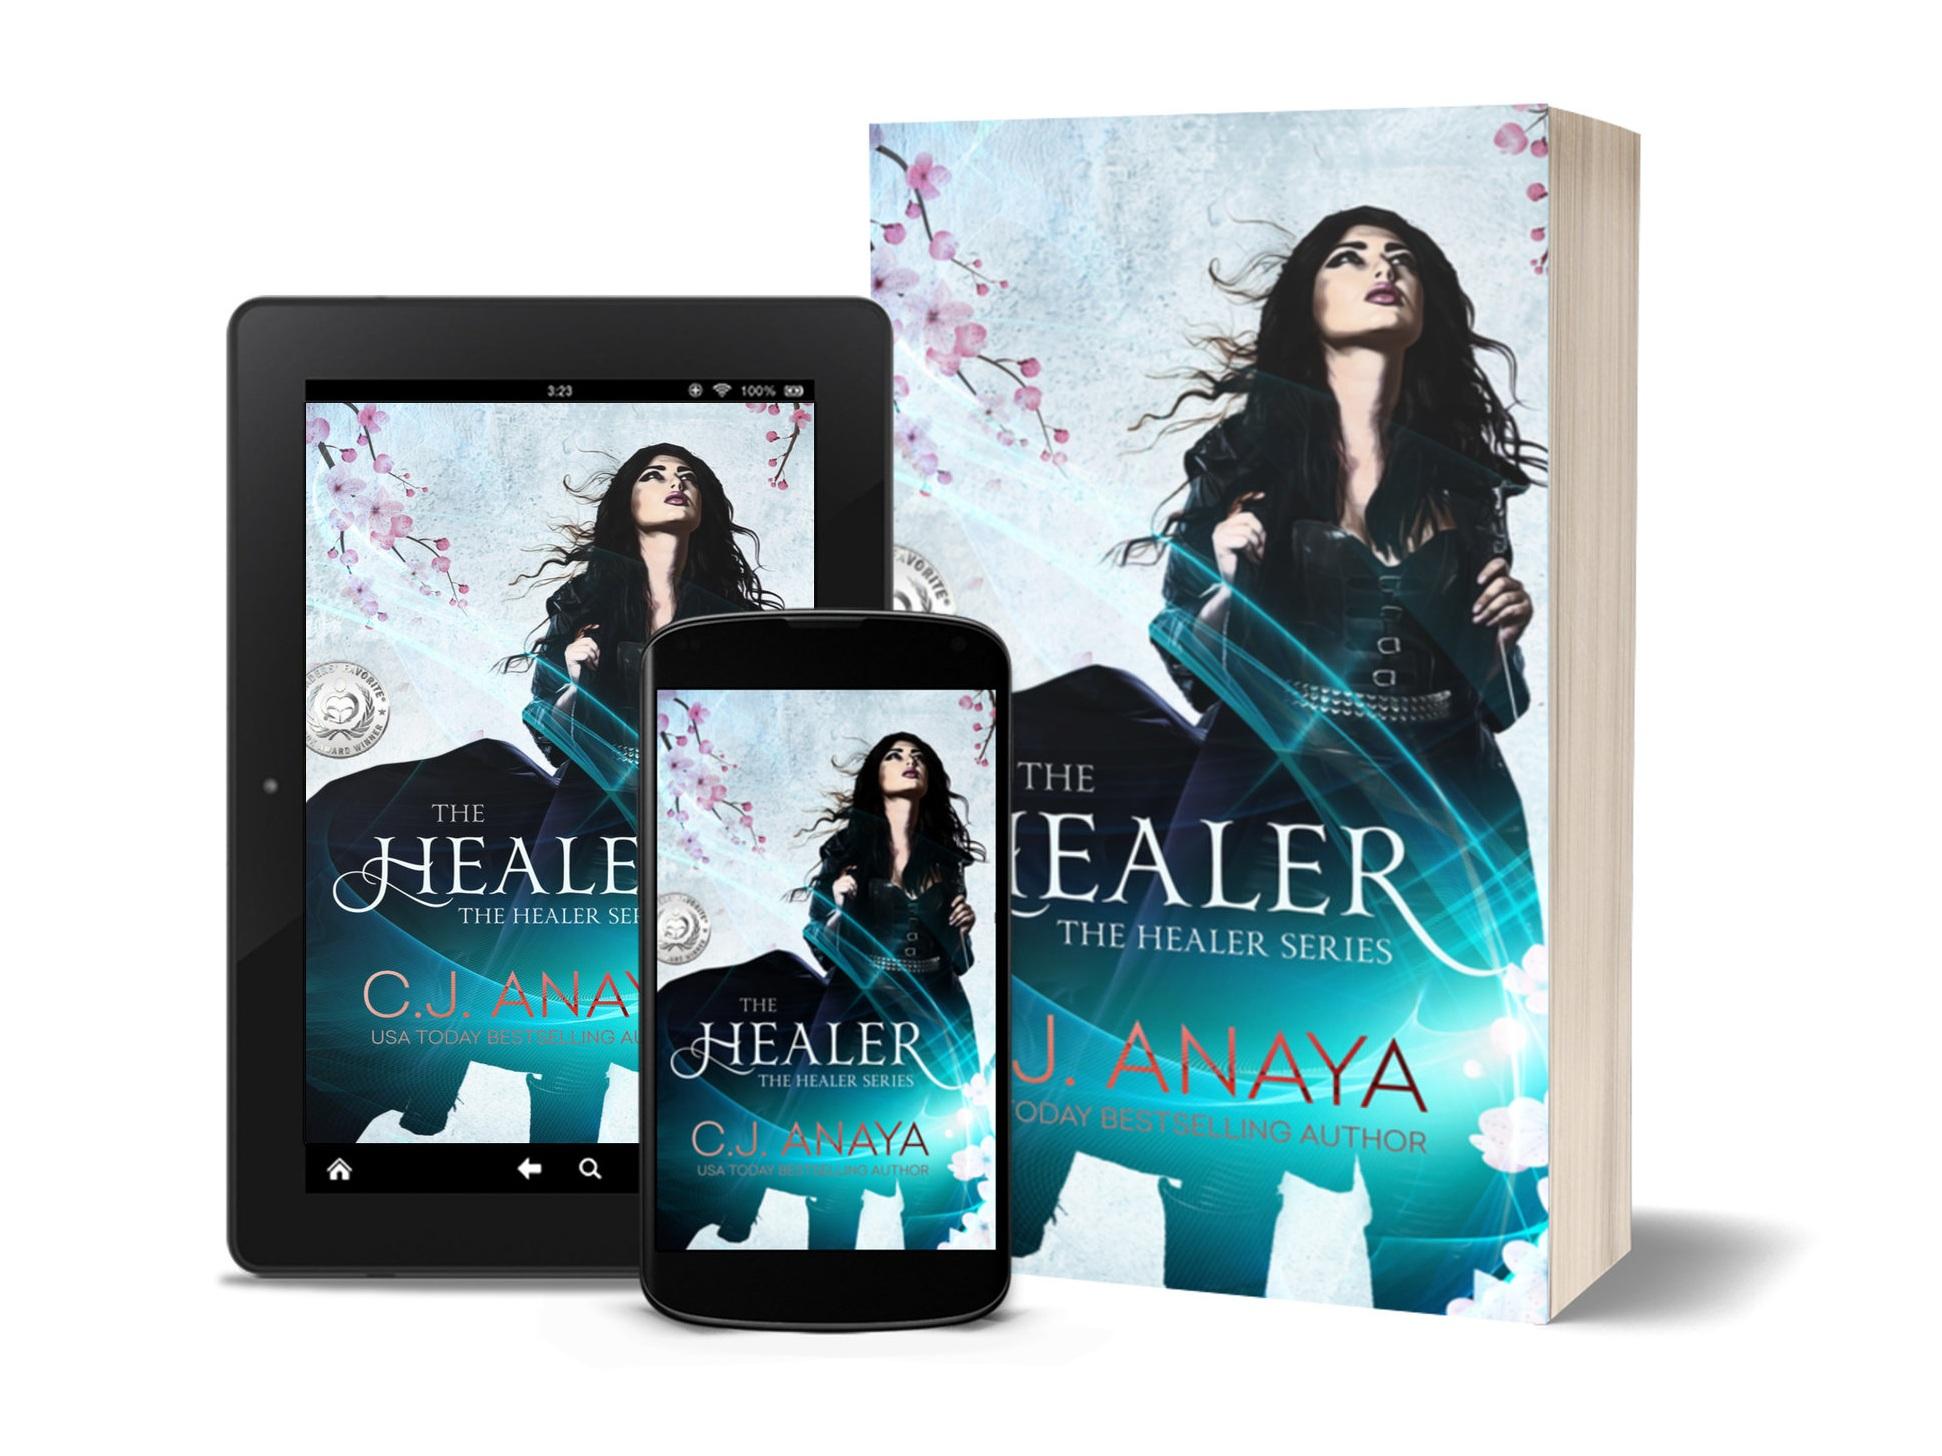 The-Healer-Series-by-CJ-Anaya.jpg